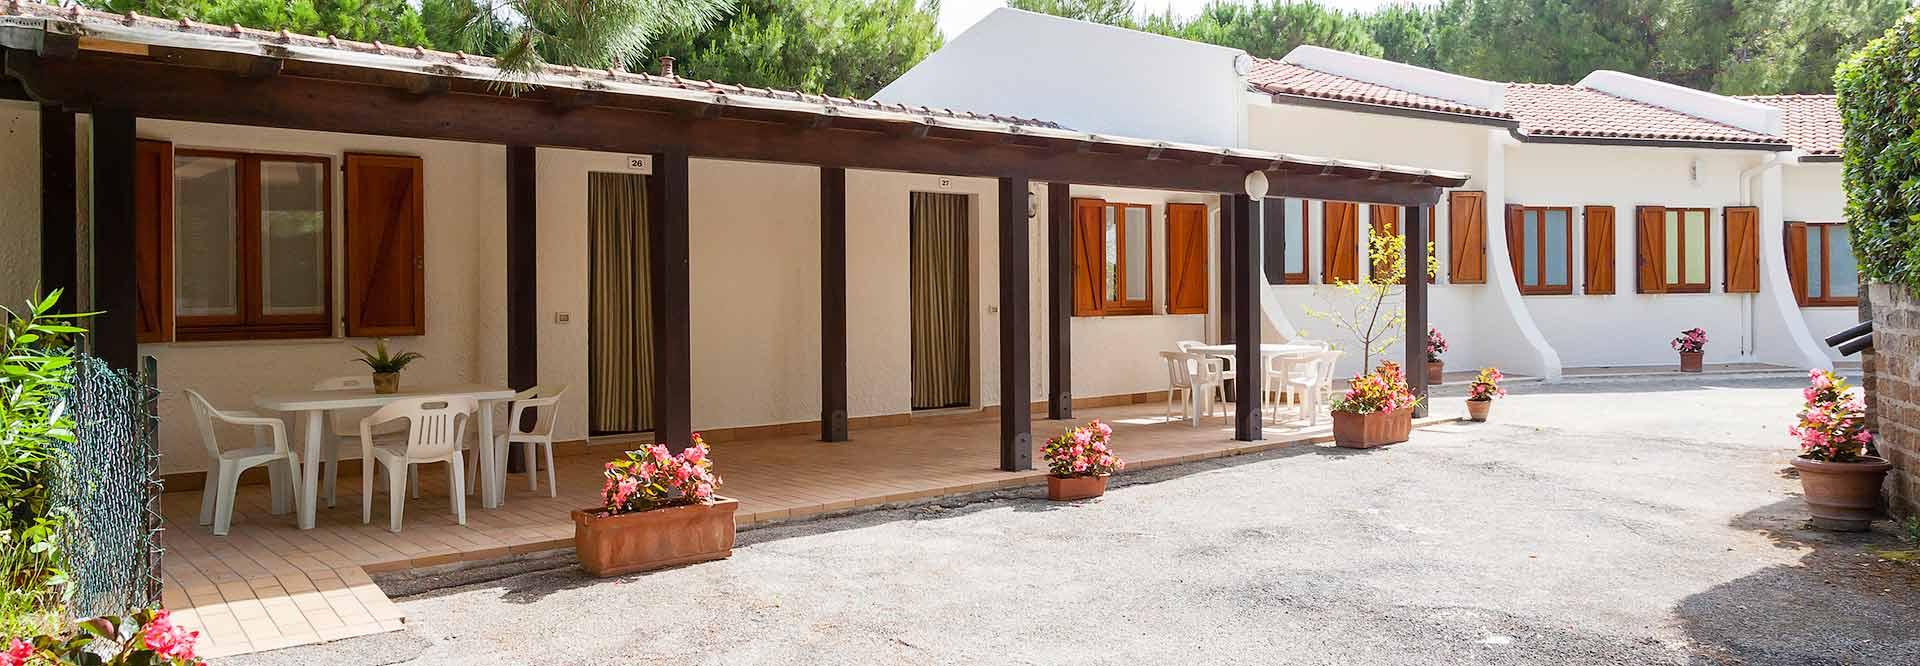 residence-porto-recanati-04_v2